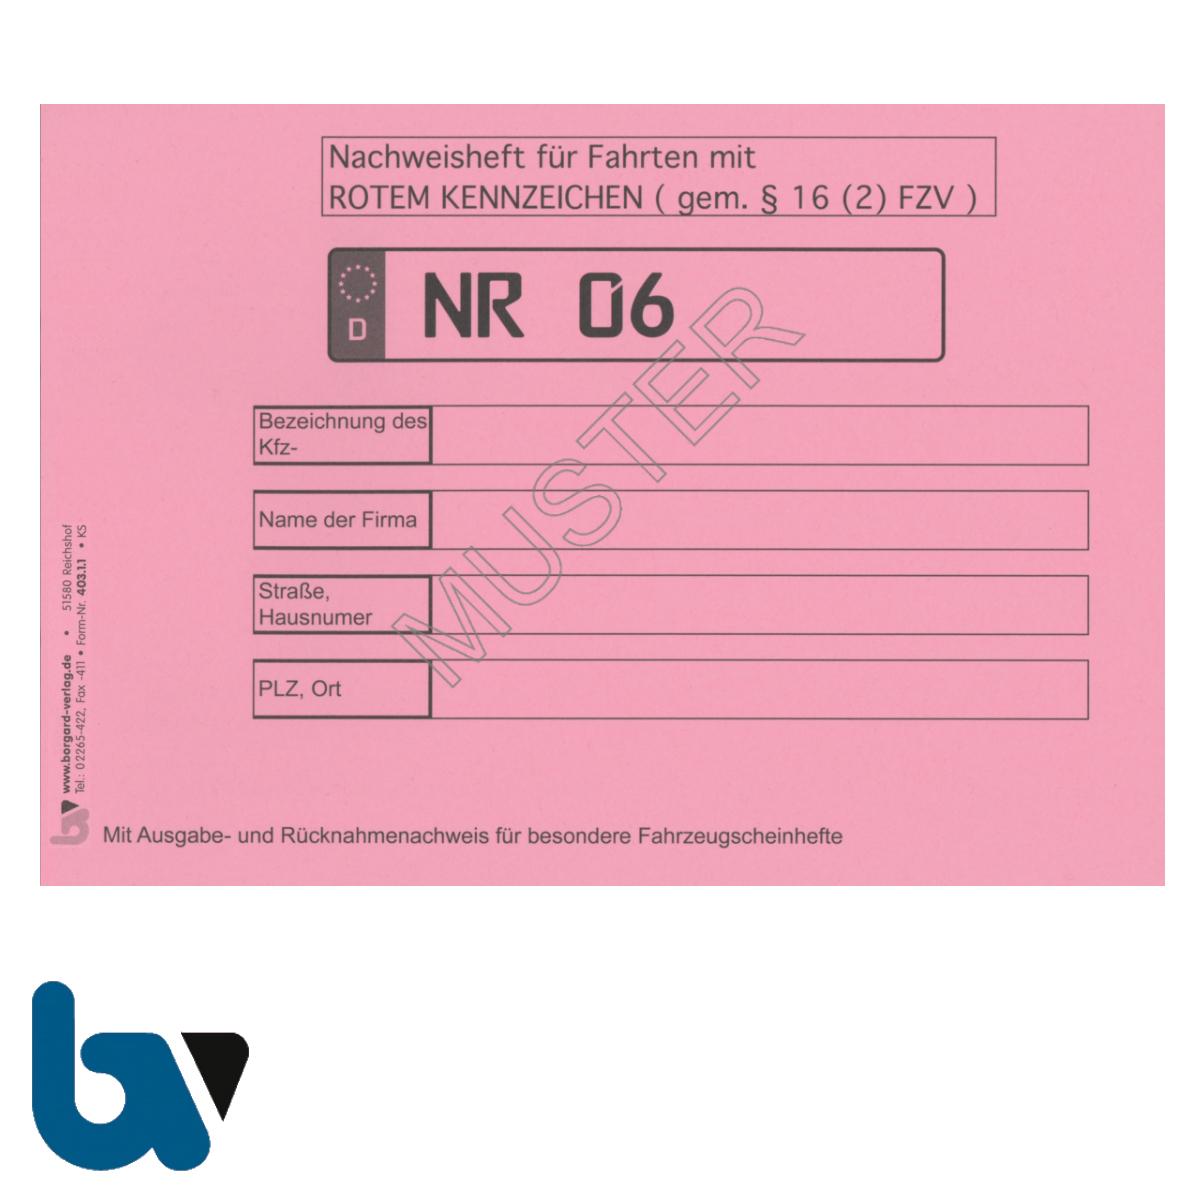 403.1.1 Nachweisheft Fahrten rot Kennzeichen Paragraph 16 FZV Ausgabe Rücknahme 320 Eintragungen 32 Seiten geheftet DIN A5 Vorderseite | Borgard Verlag GmbH